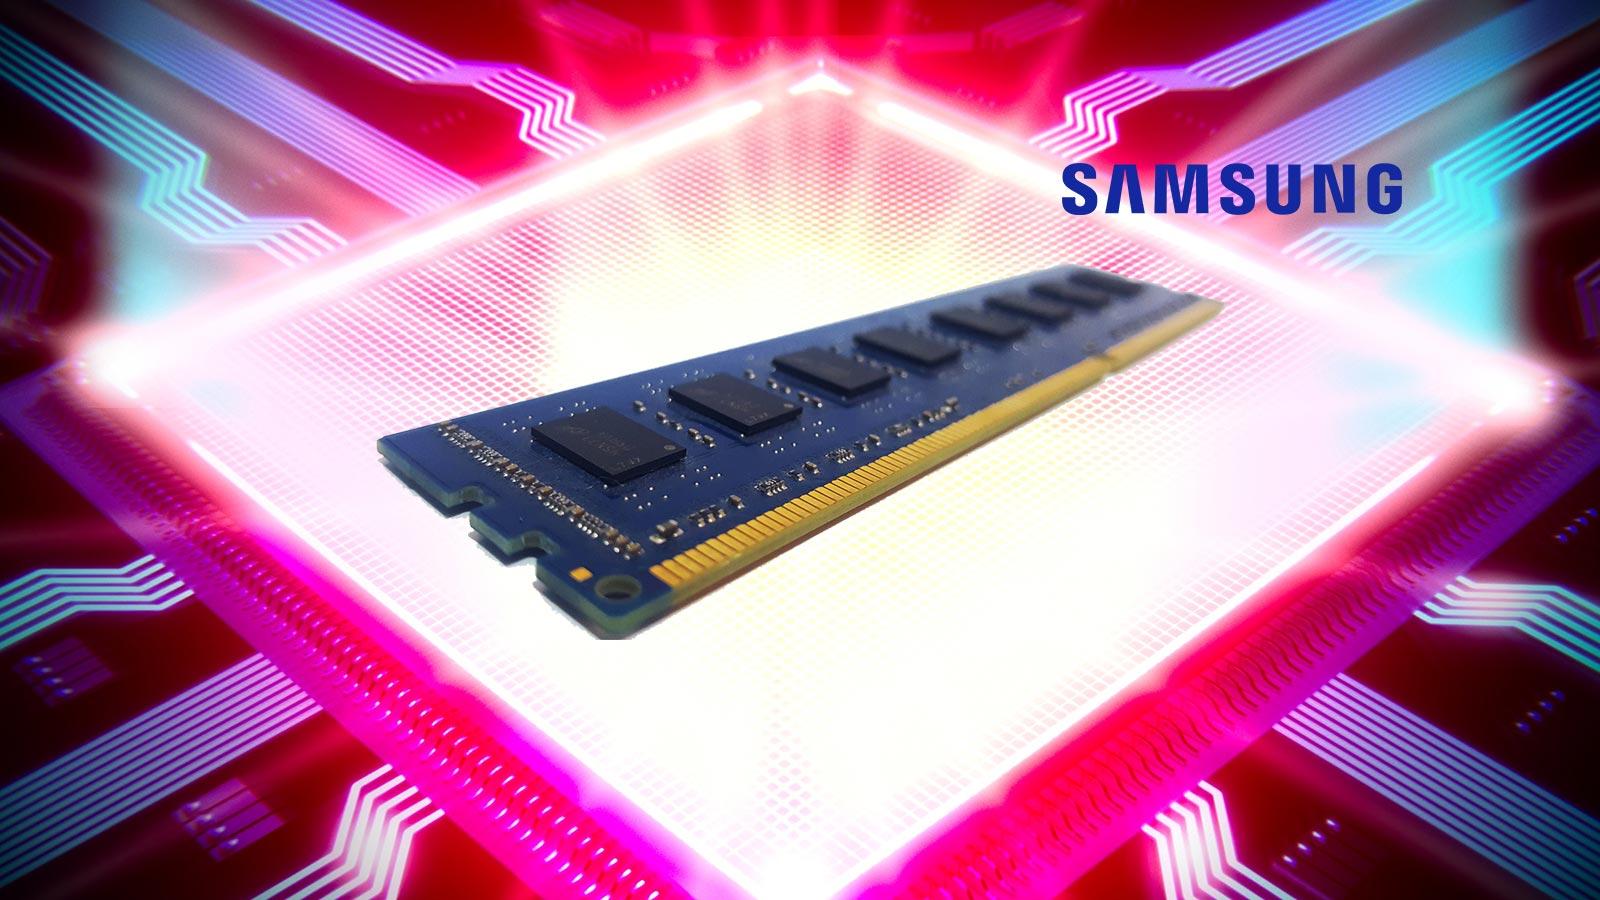 Samsung Electronics declares cutting-edge 512 GB DDR5 RAM module